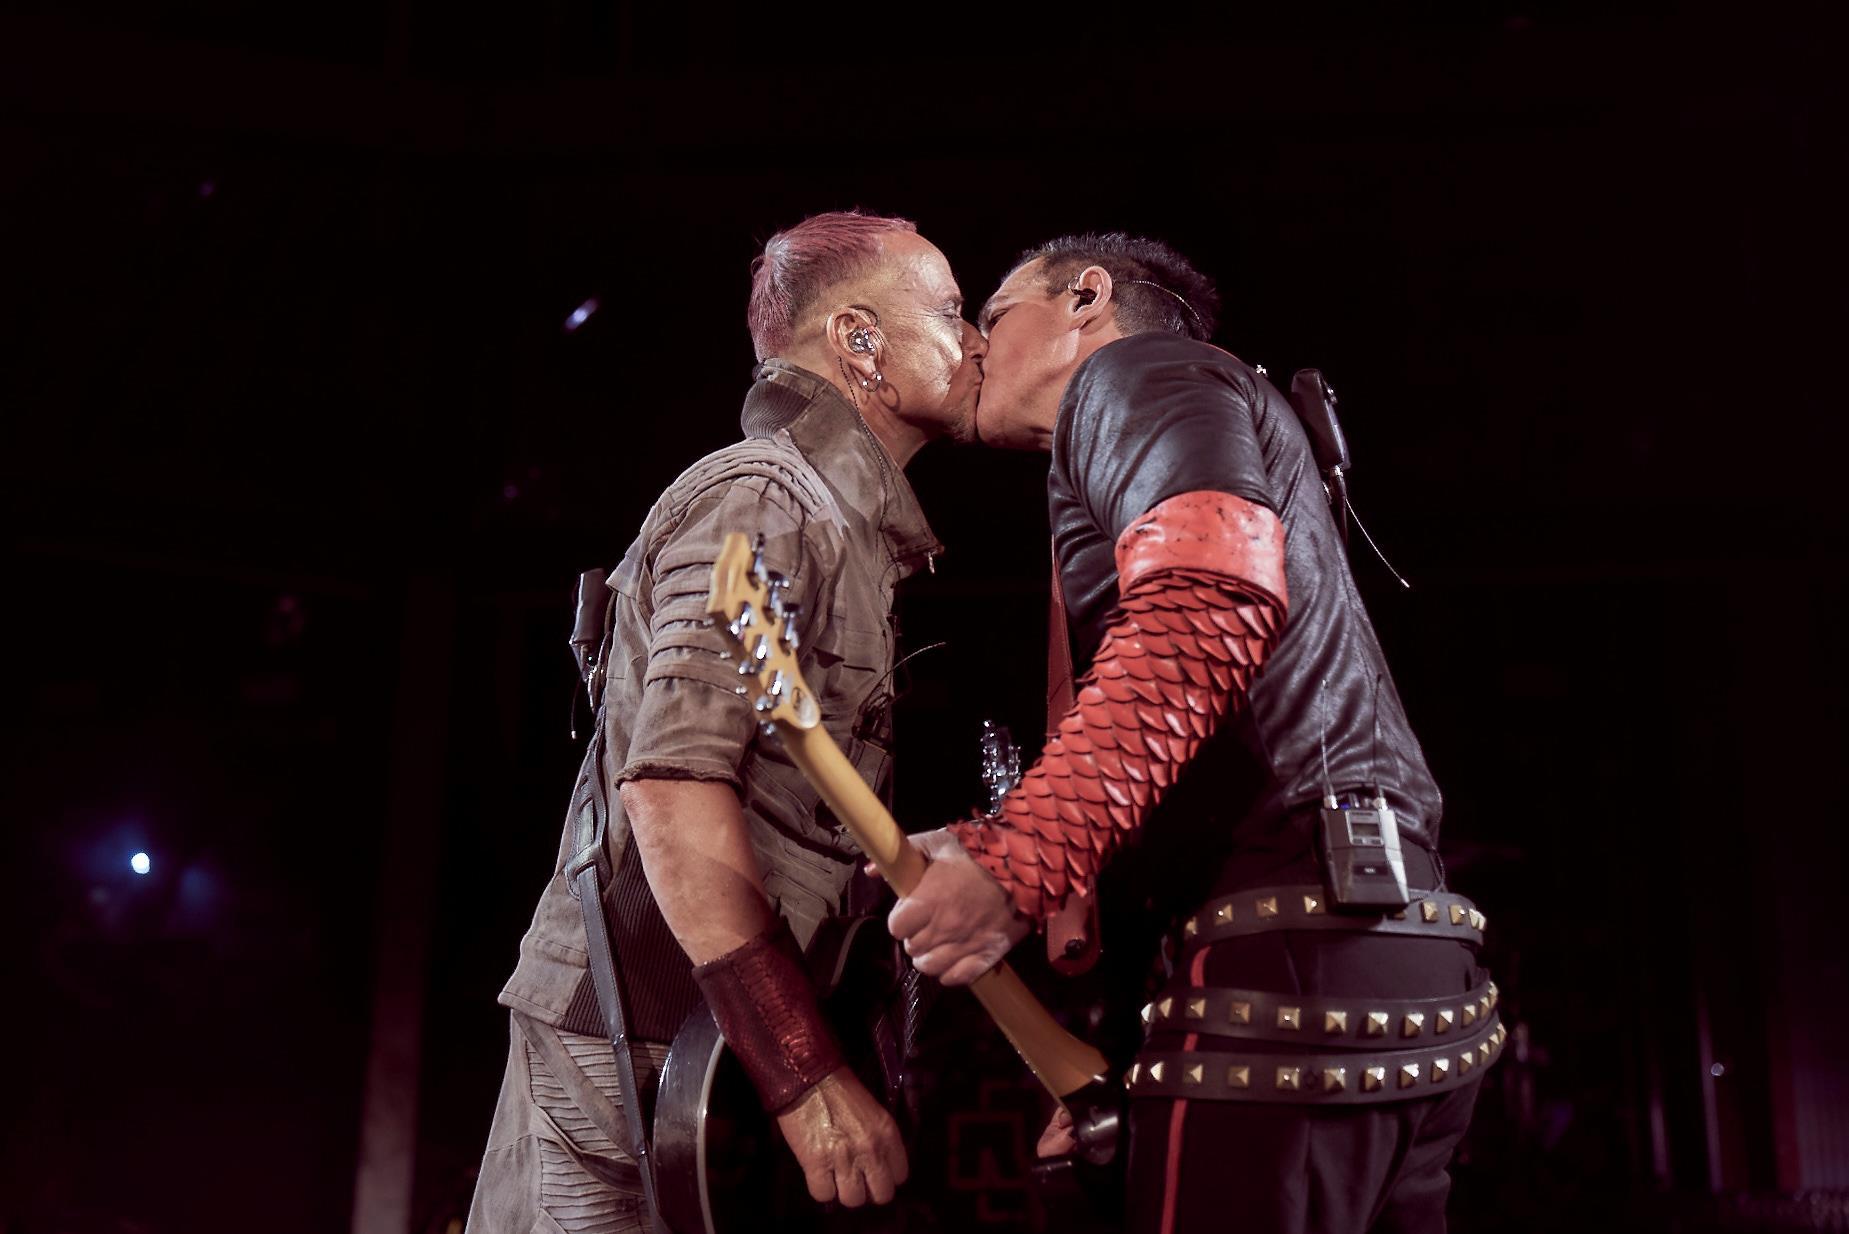 Integrantes de Rammstein se besan en protesta contra homofobia en Rusia